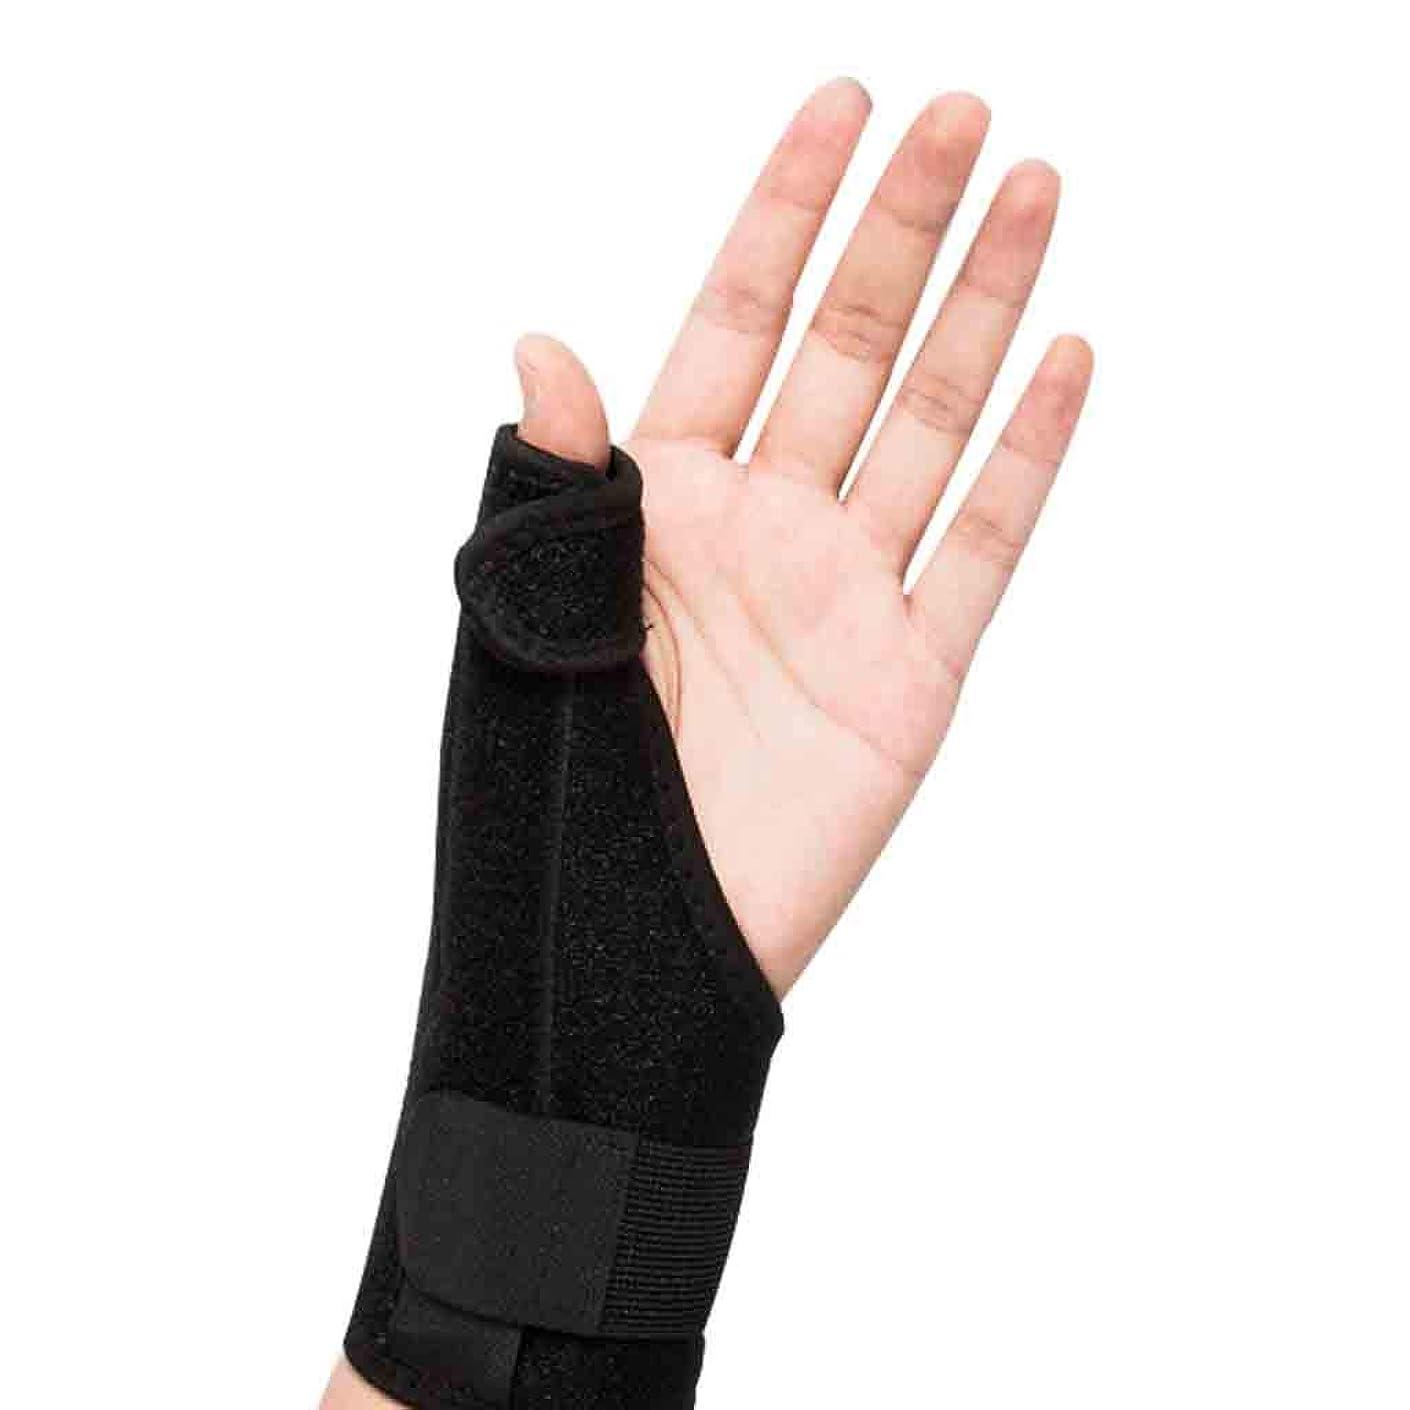 肩をすくめる暴力的な陸軍ThumbスプリントトリガーThumb腱鞘炎Wristband関節炎トリートメントThumb捻挫の関節を固定&安定化するブレース Roscloud@